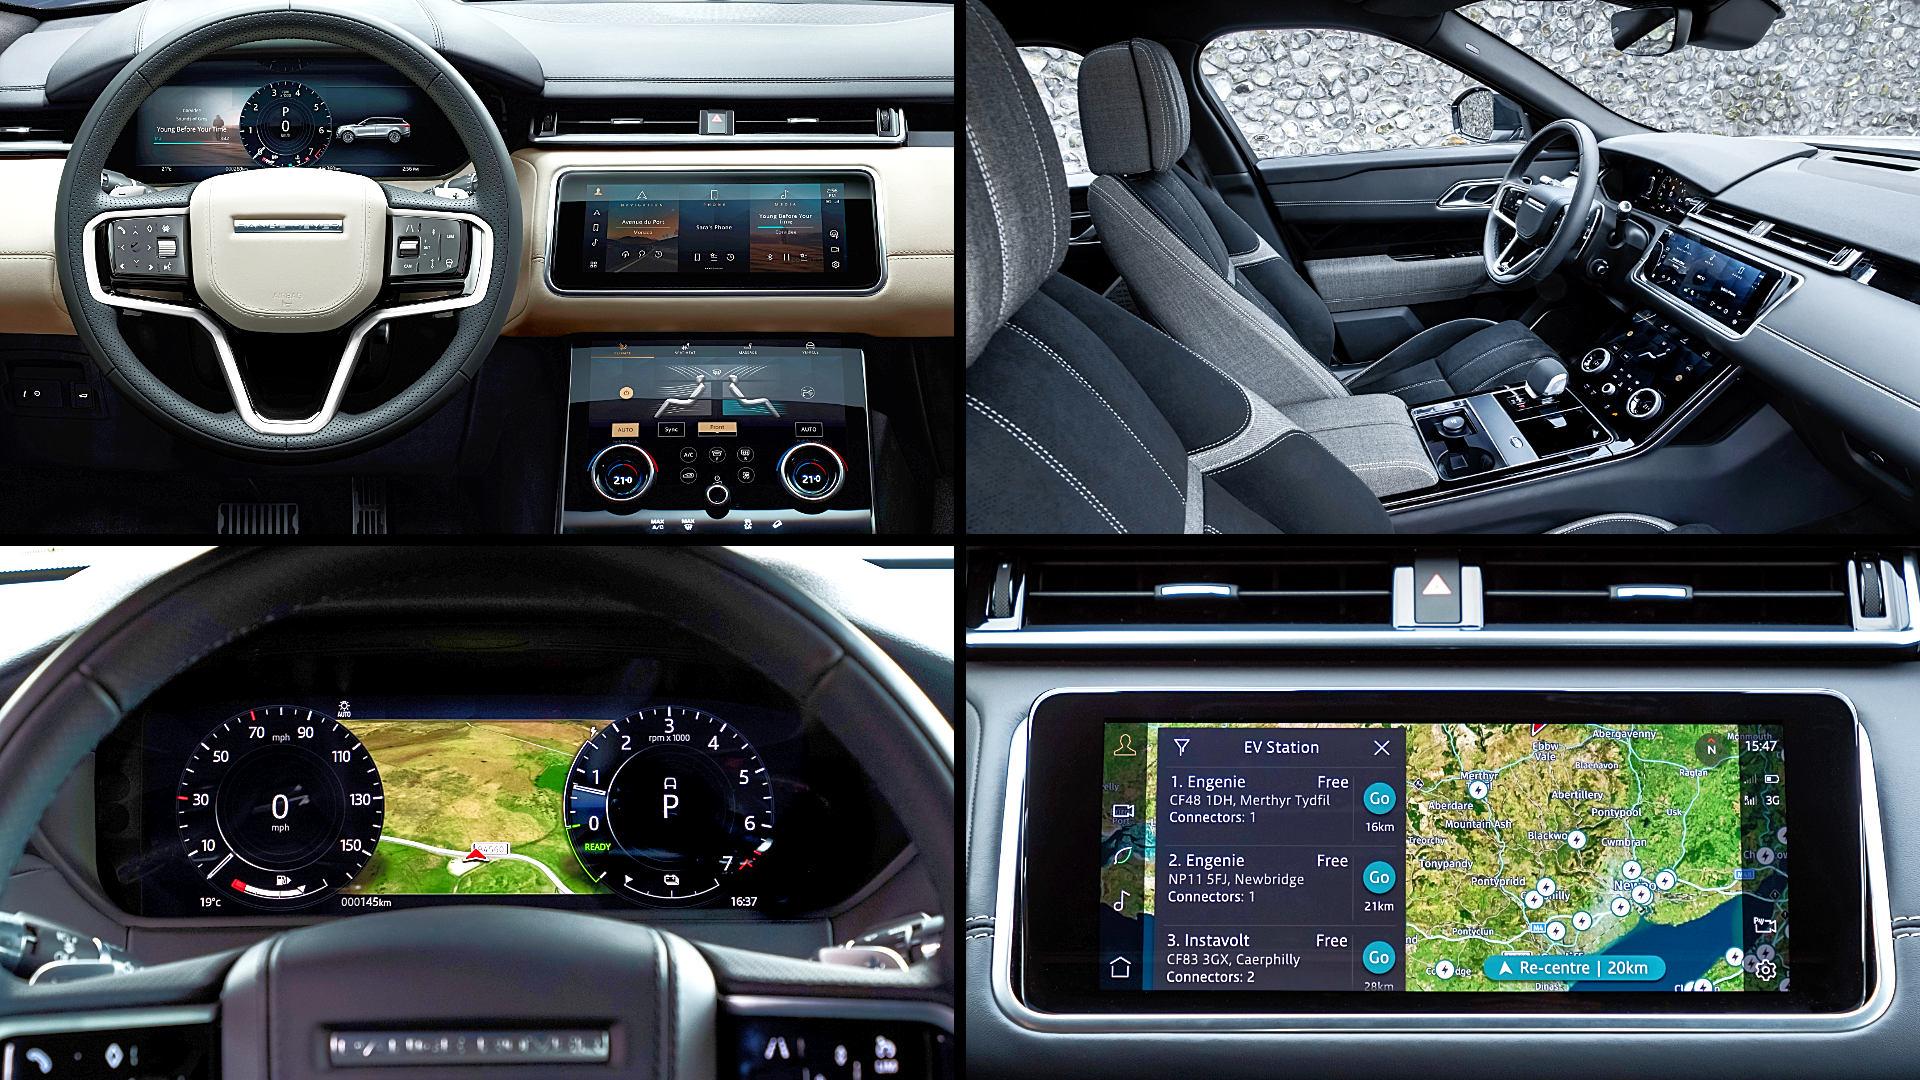 2021 Range Rover Velar R-Dynamic P400e Interior